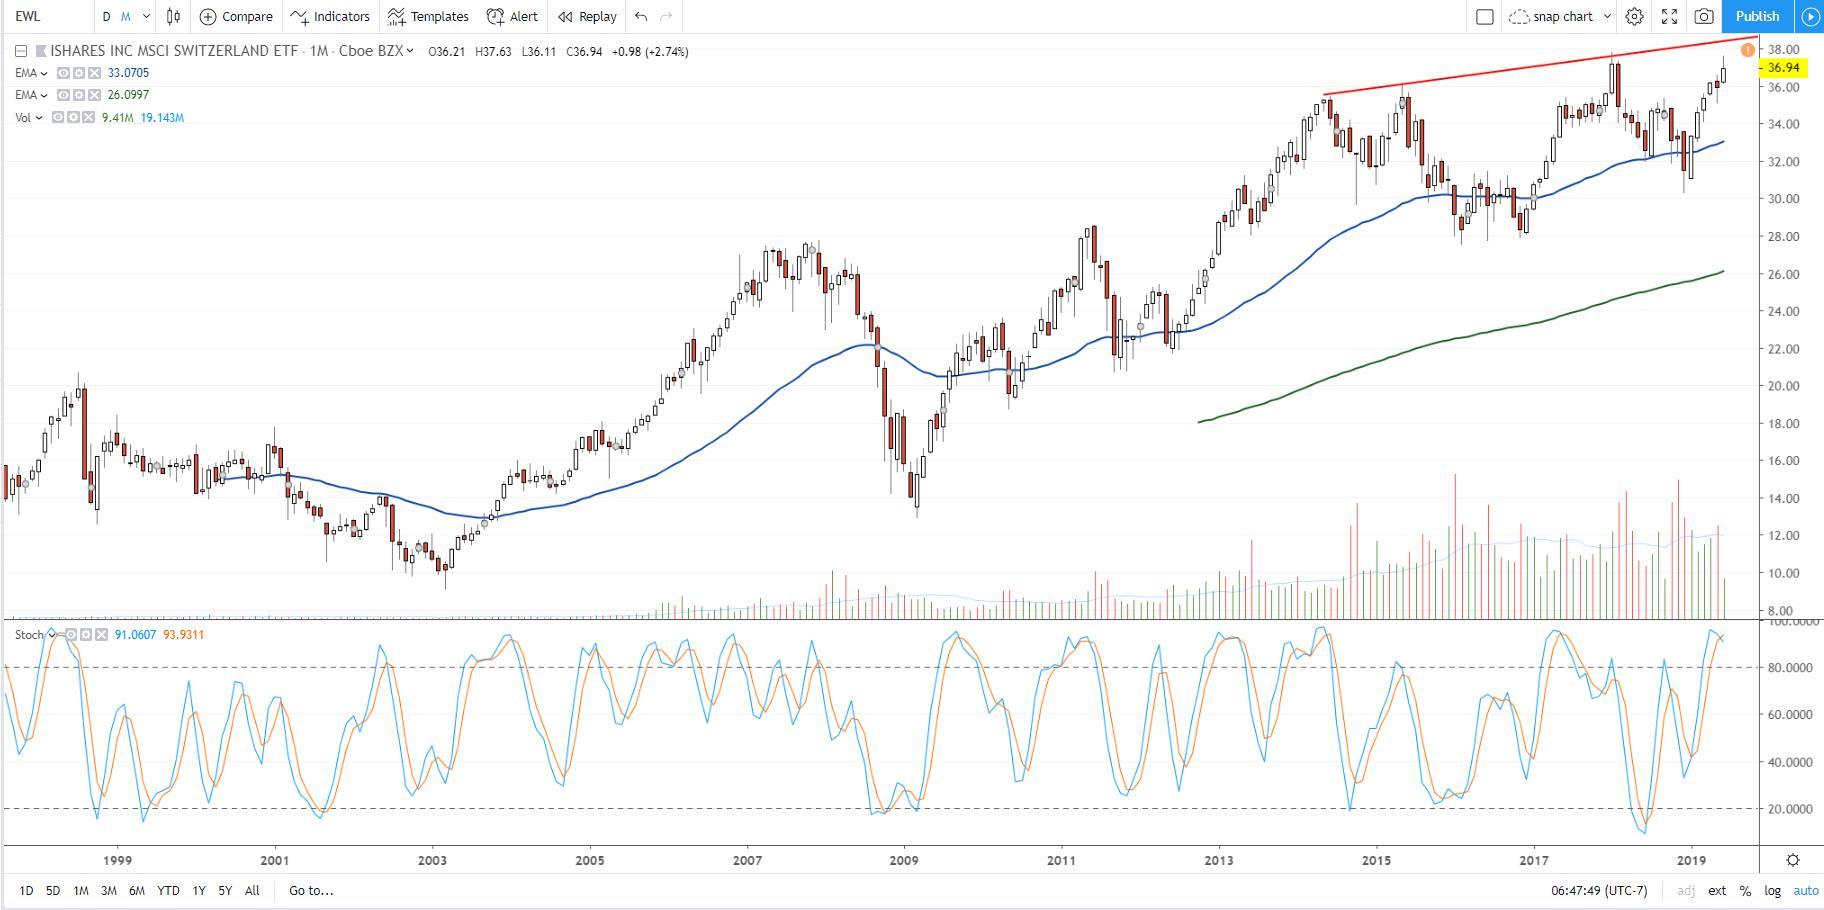 Chart die Kursentwicklung der iShares MSCI Schweiz ETF zeigt (EWL)